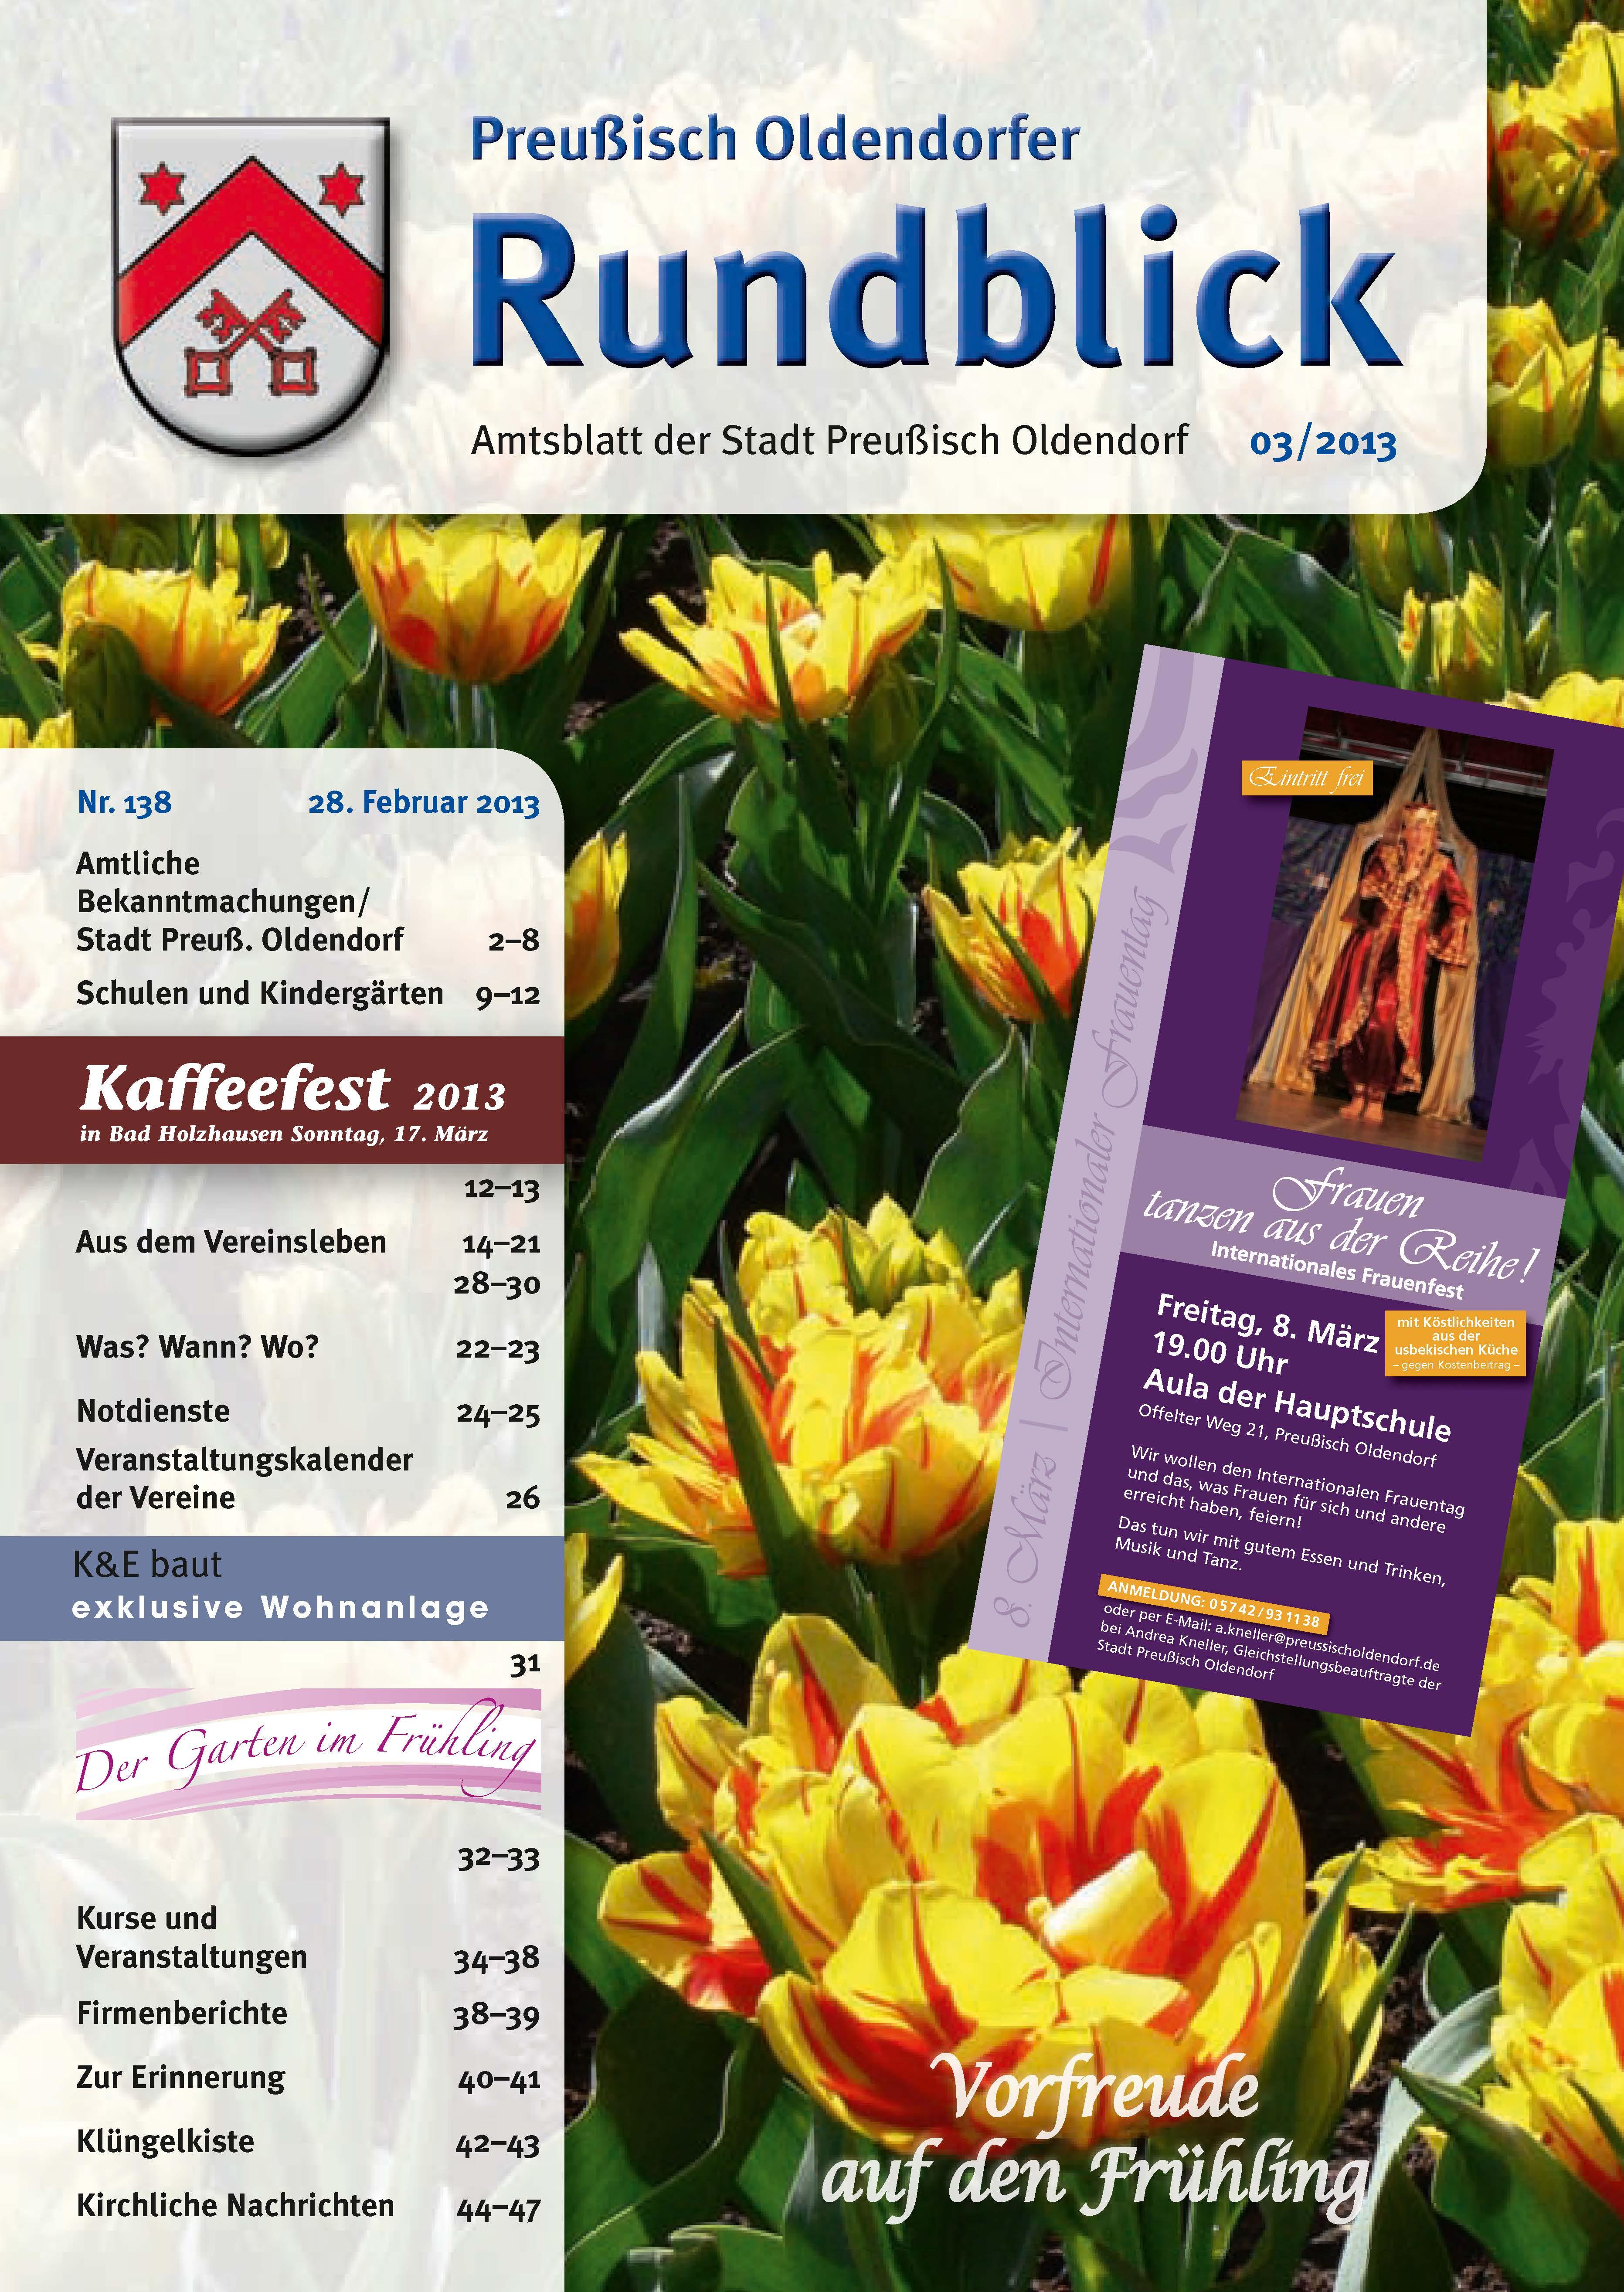 Rundblick 3-2013